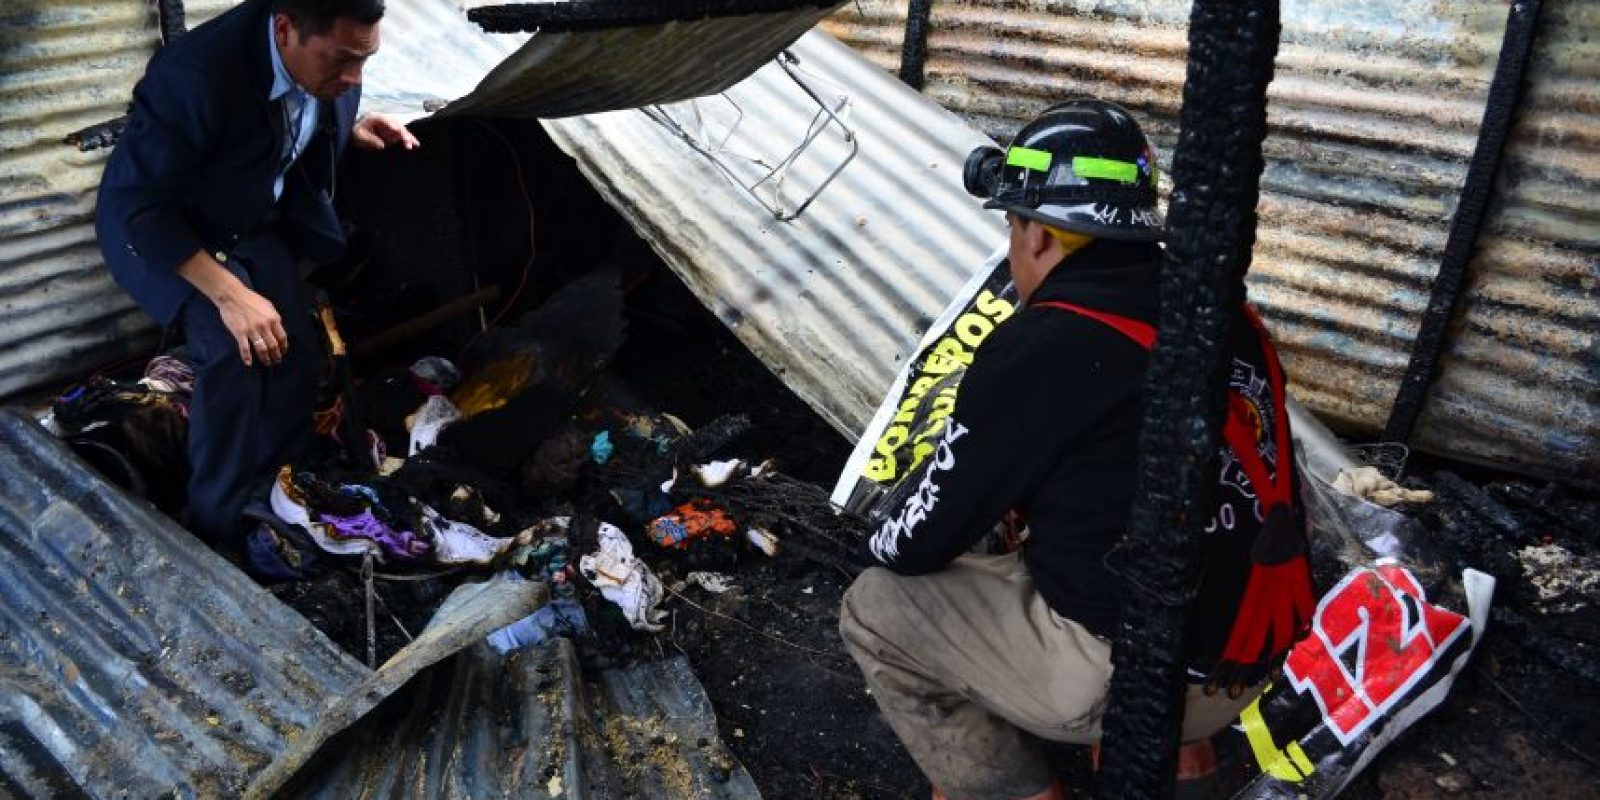 Los hermanos murieron debajo de una pila. Foto:CVB